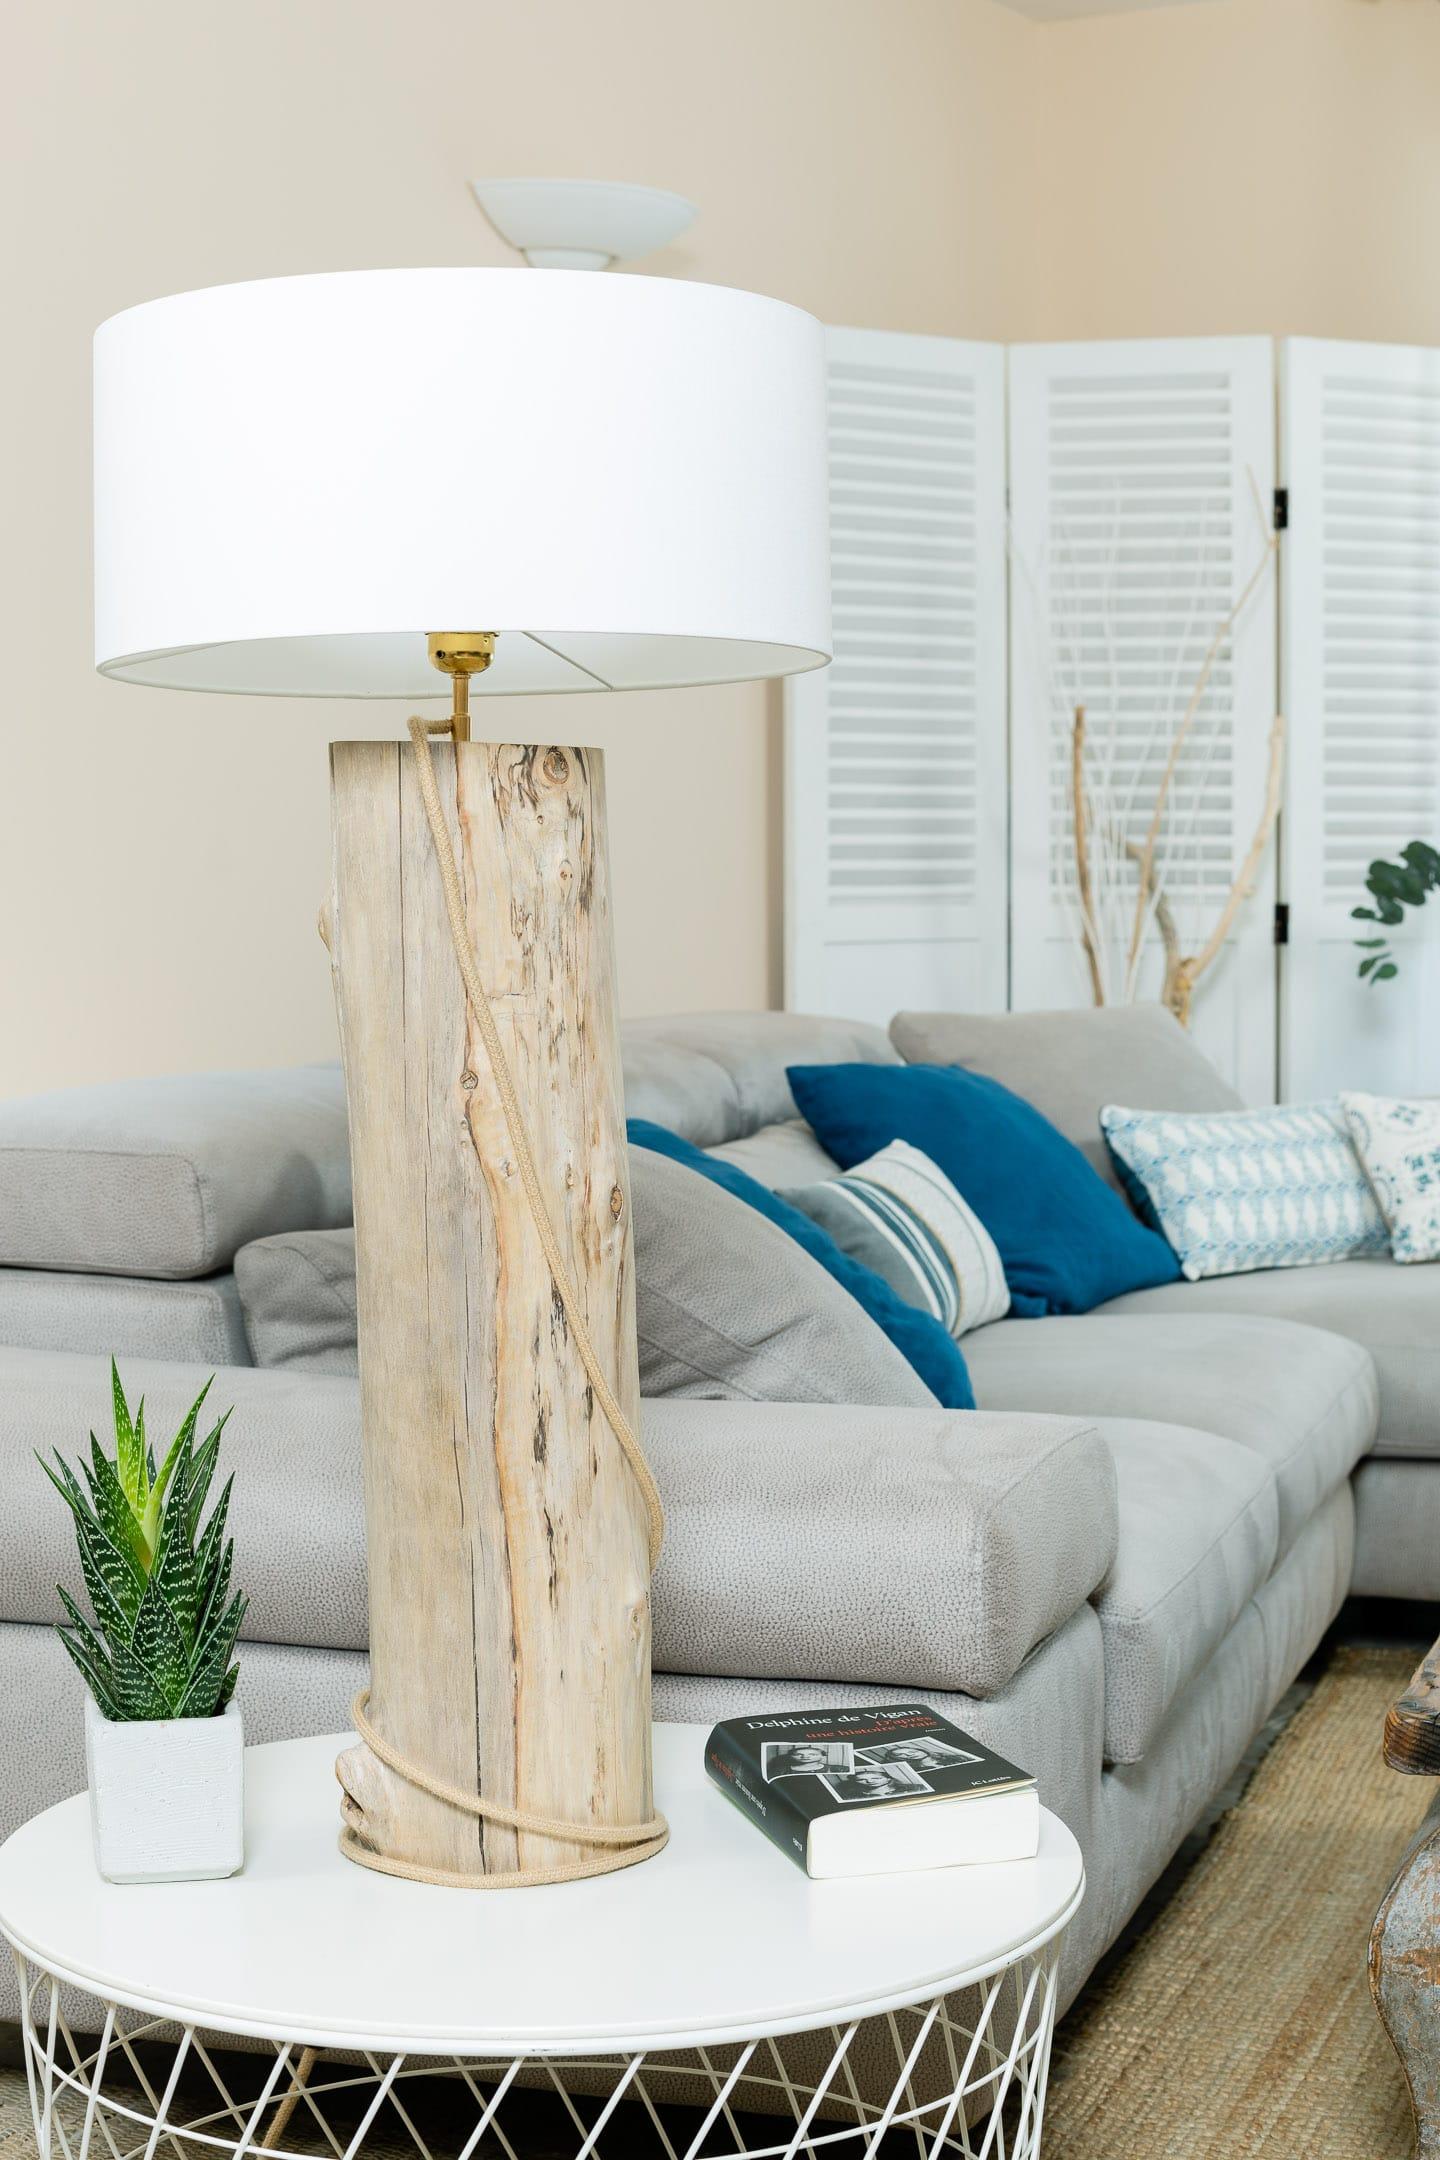 Lampe en bois flotté avec abat-jour